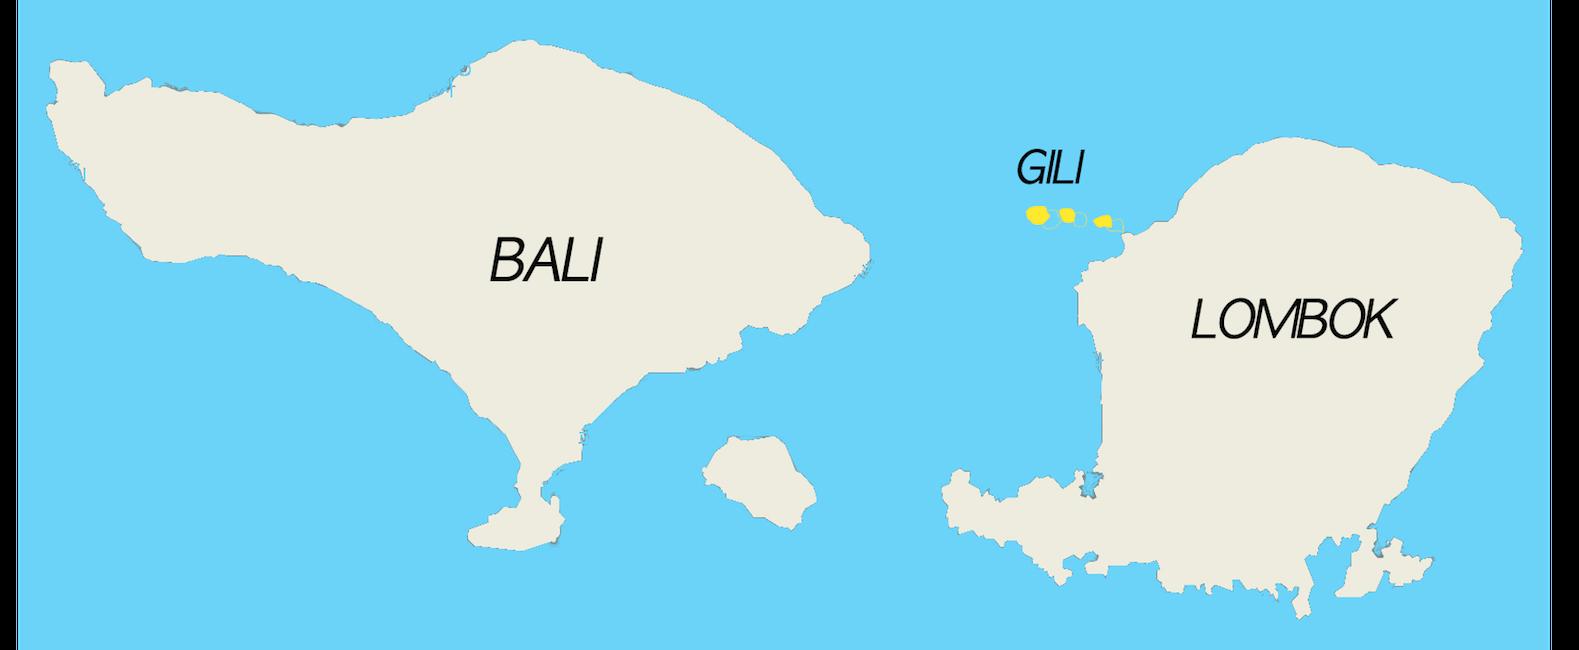 GILI map